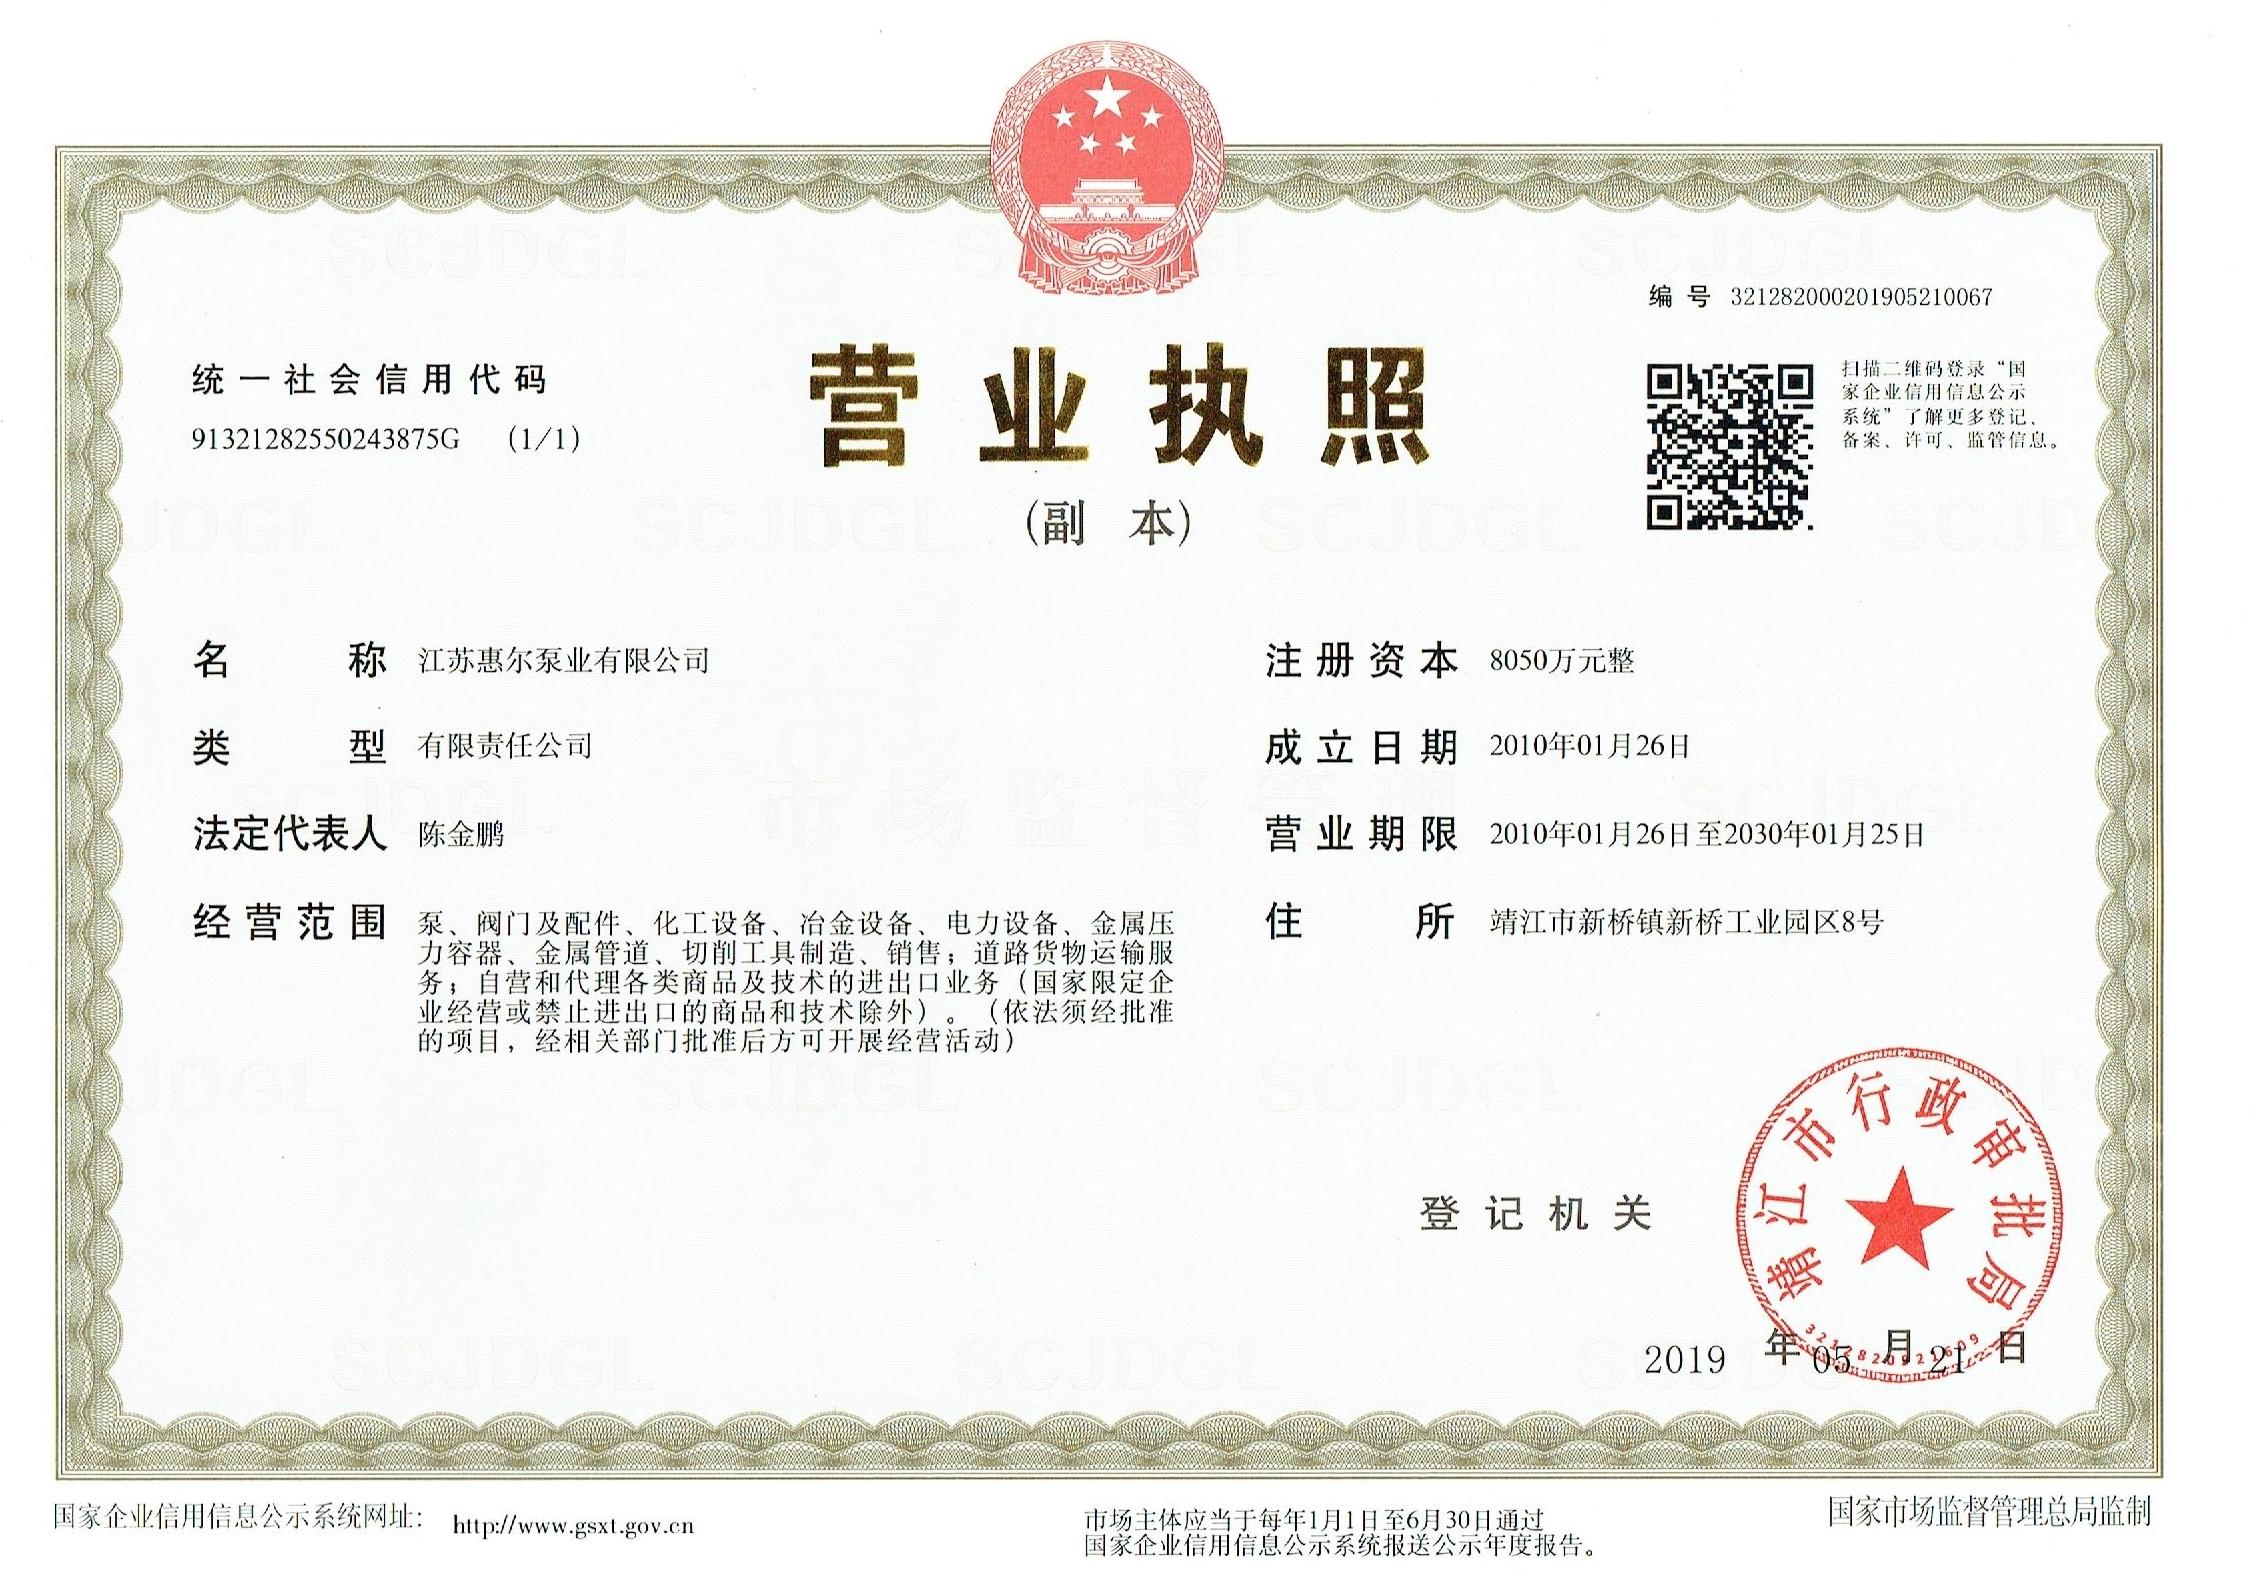 江苏惠尔泵业有限公司营业执照更新